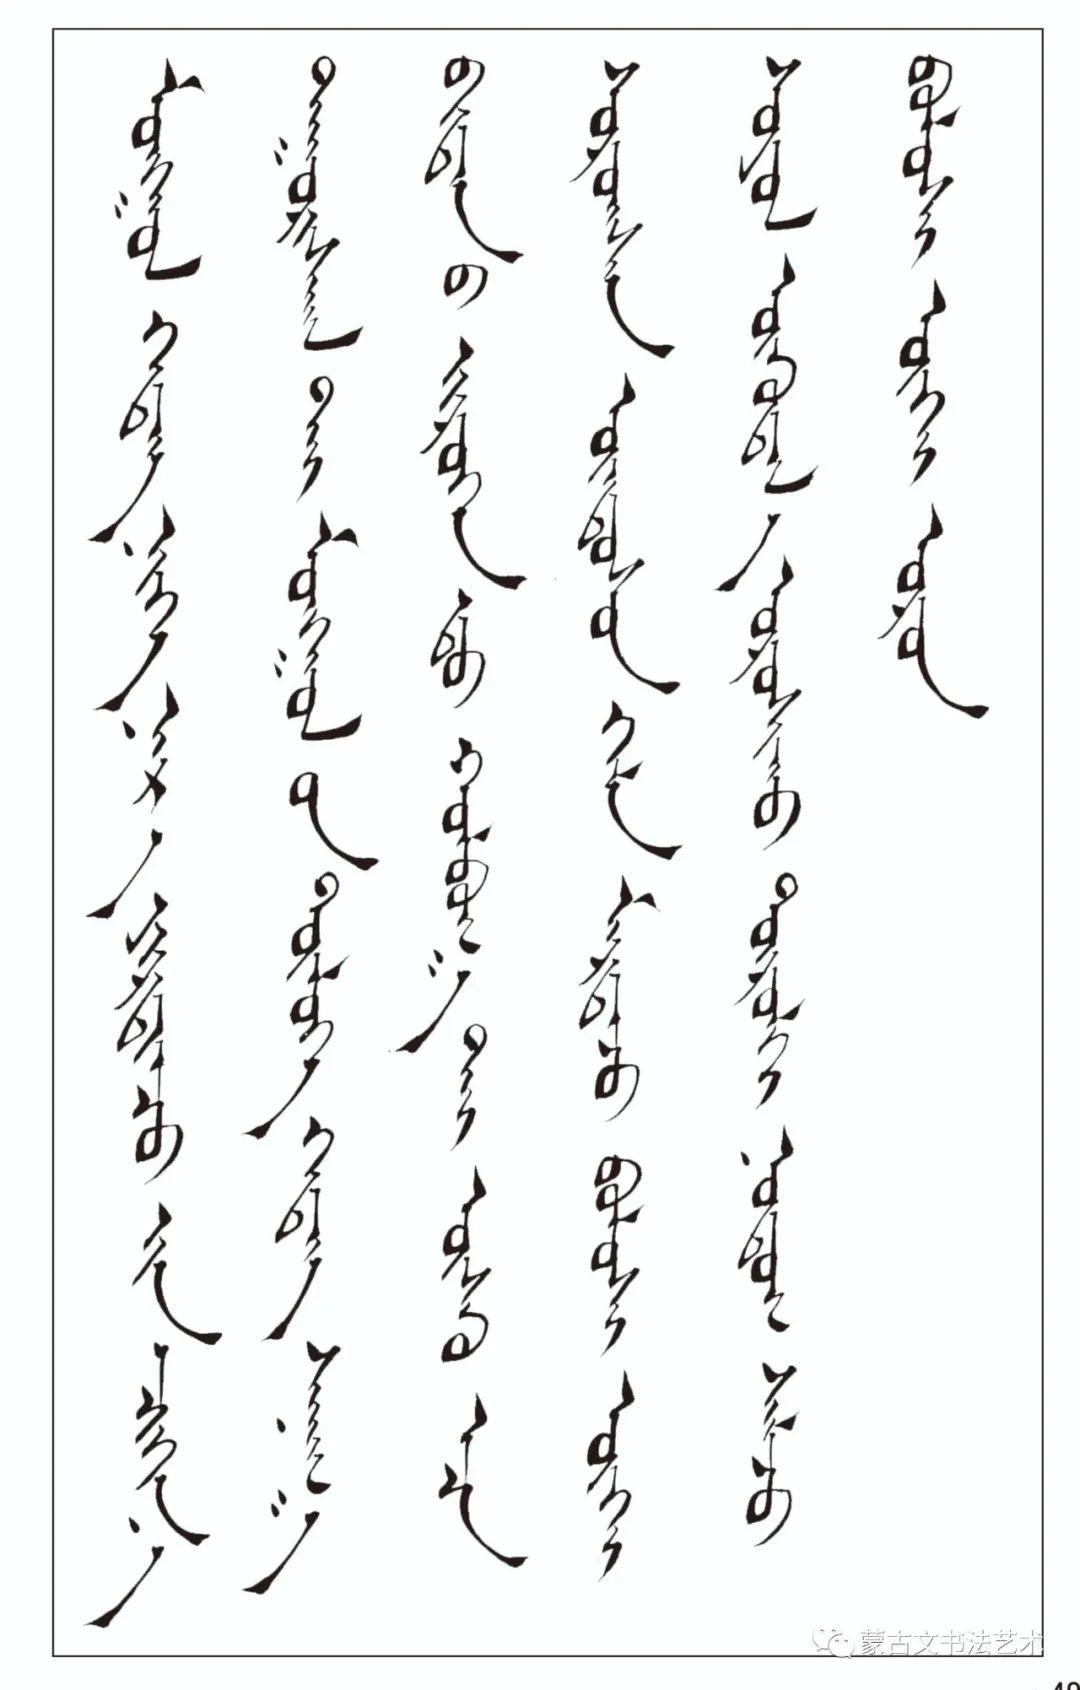 毕力格图出新书了《蒙古文书法字帖》 第11张 毕力格图出新书了《蒙古文书法字帖》 蒙古书法